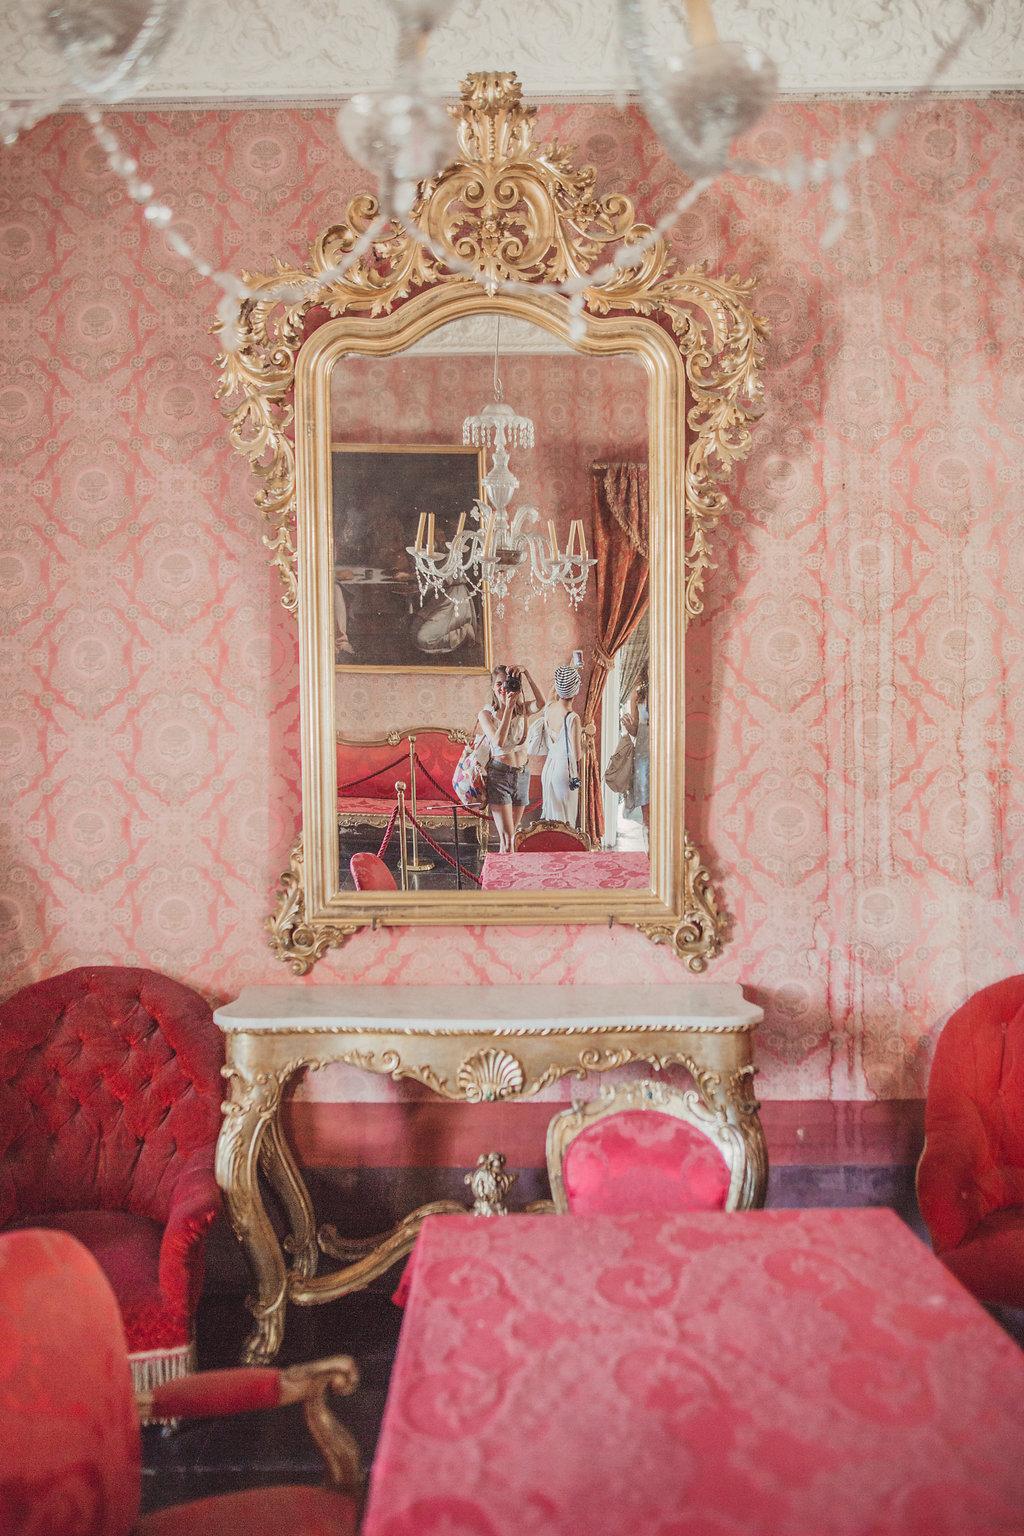 travellur_watercolours_sicily_slow_travel_retreat_colour_architecture_pink_velvet